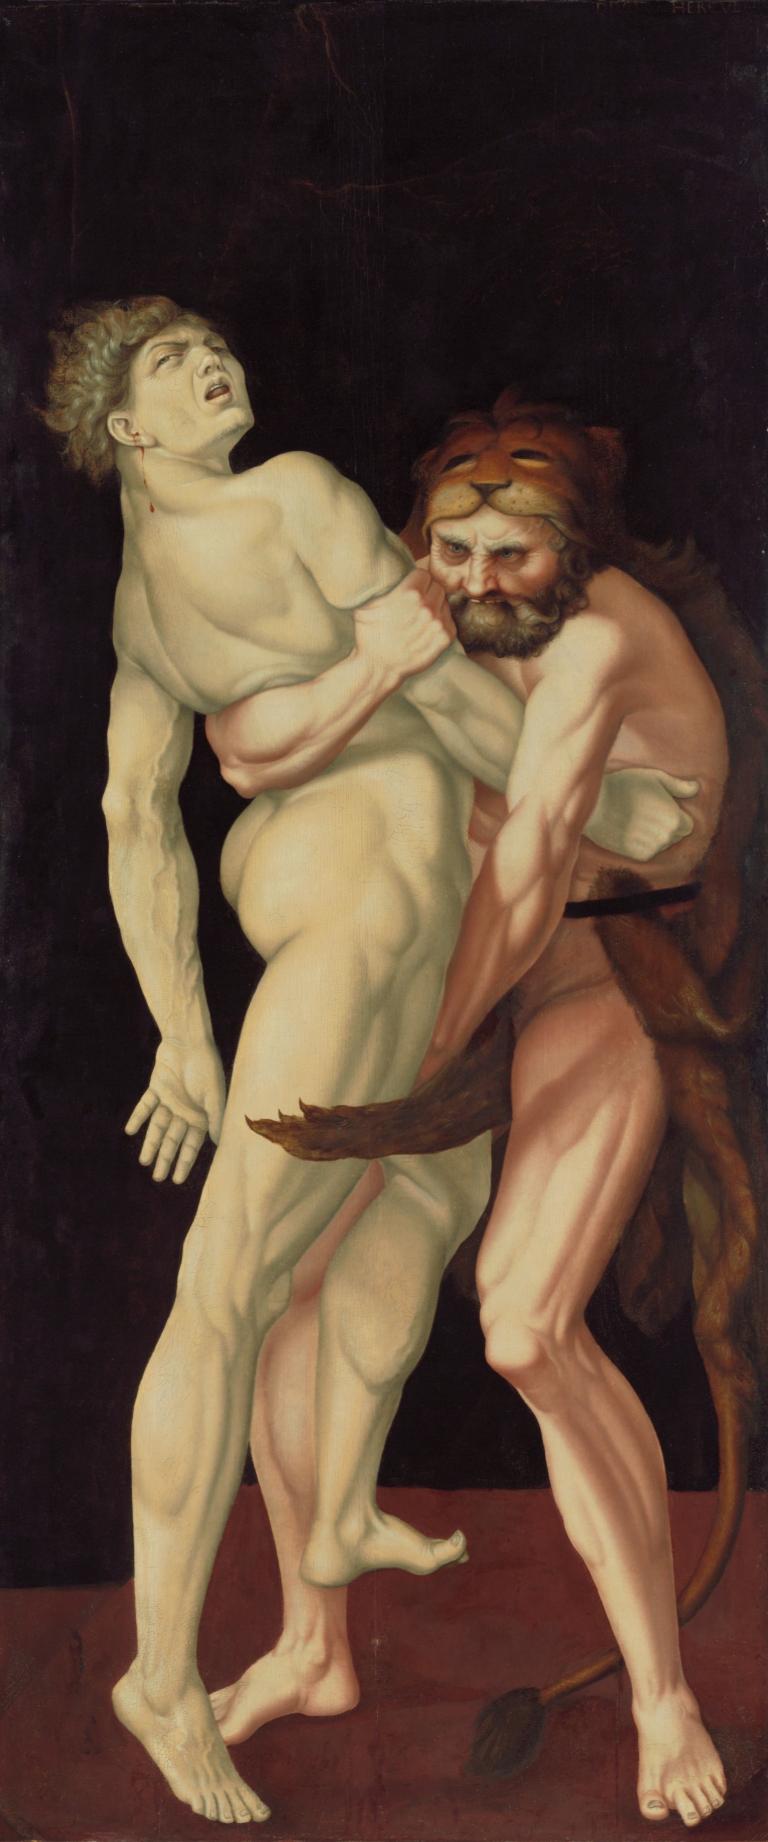 Abbildung des Werks Herkules und Antäus des Renaissance-Künstlers Hans Baldung Grien aus dem Jahr 1531